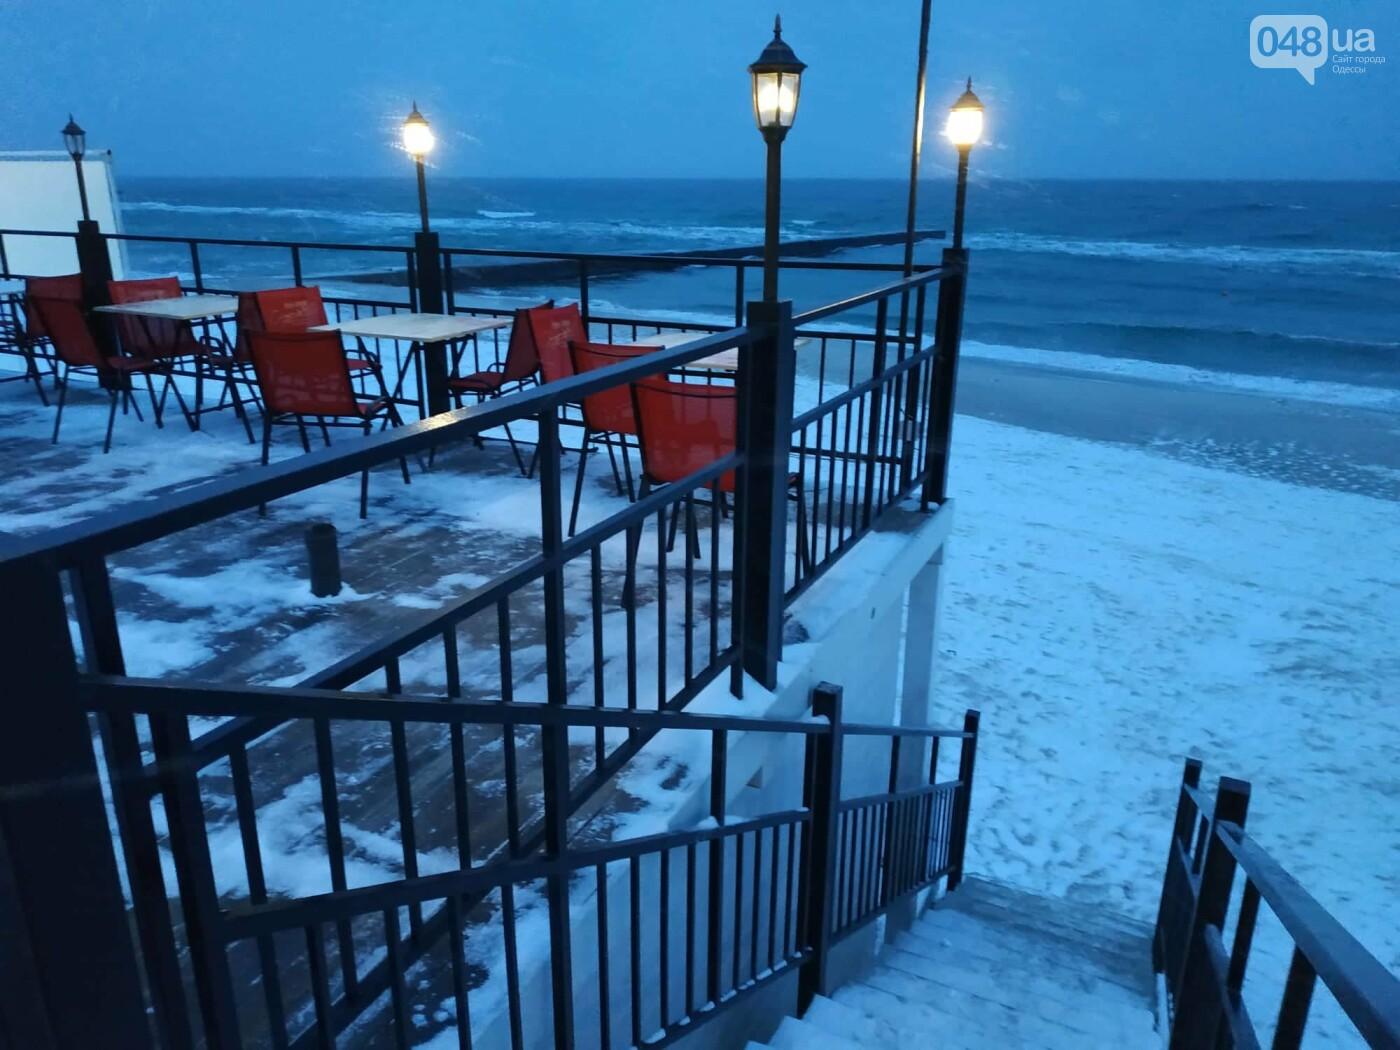 Заснеженные одесские пляжи вечером: вот где стоит прогуляться, - ФОТО, фото-46